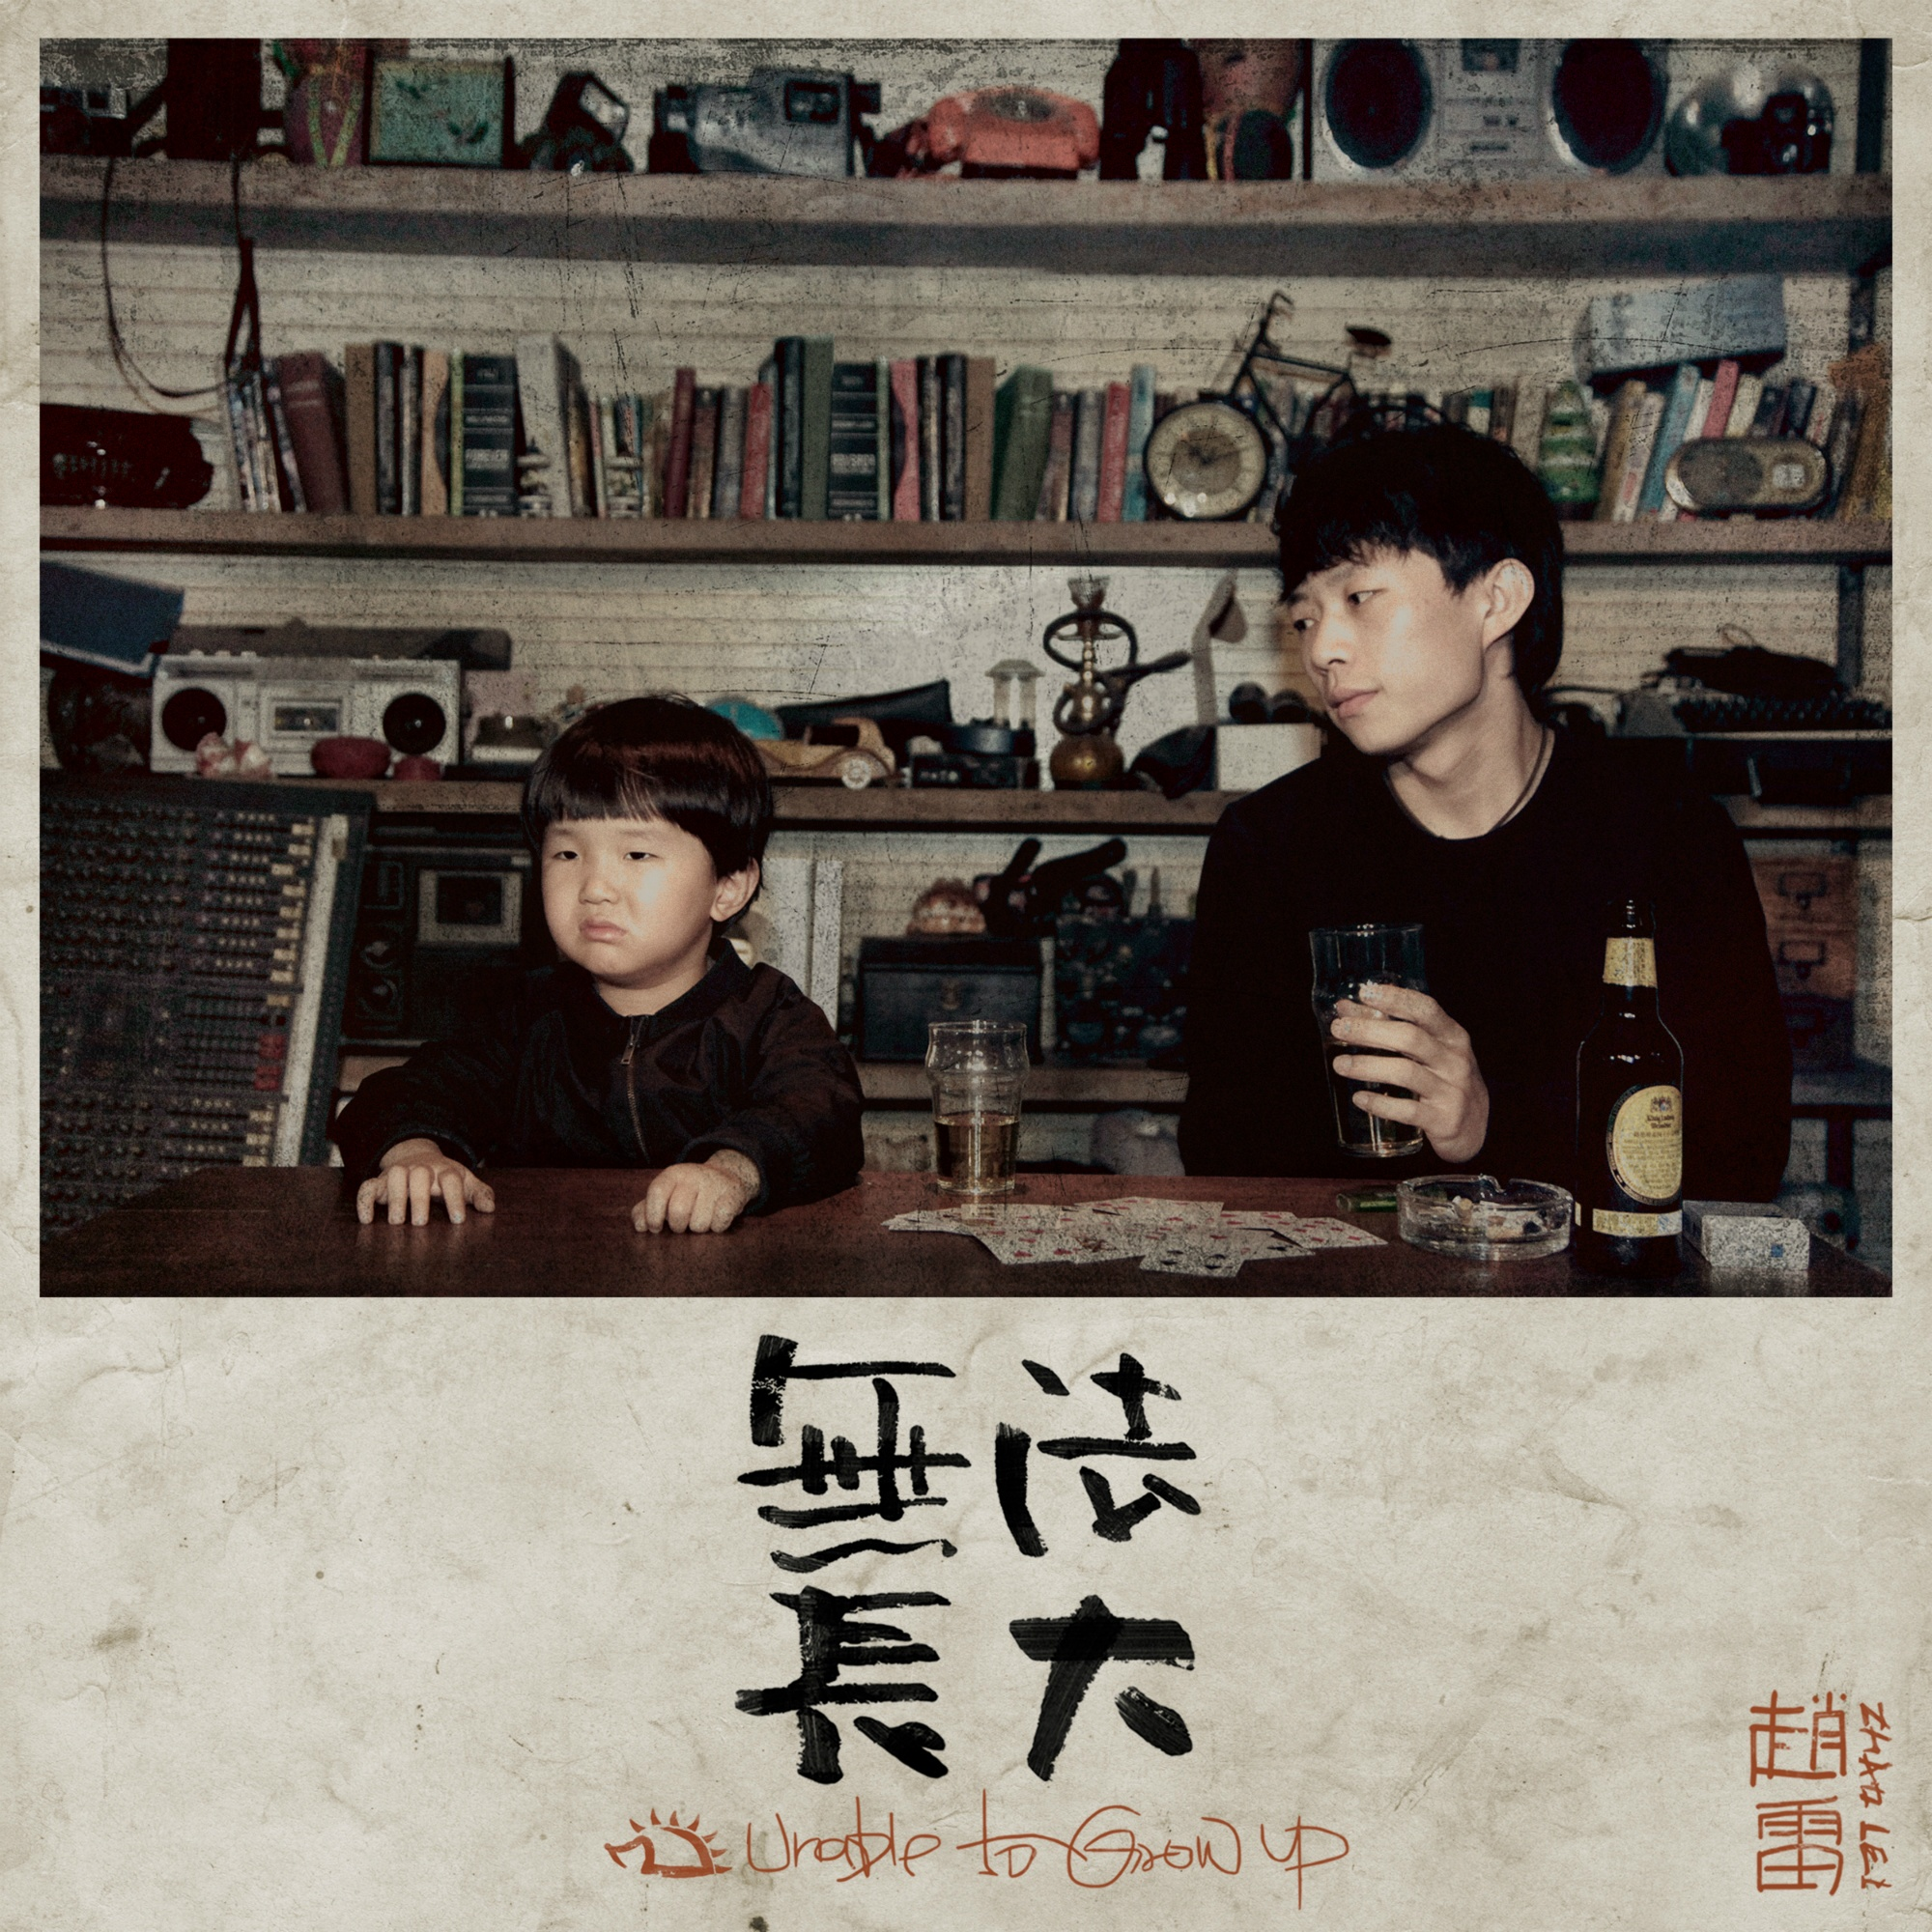 19-赵雷